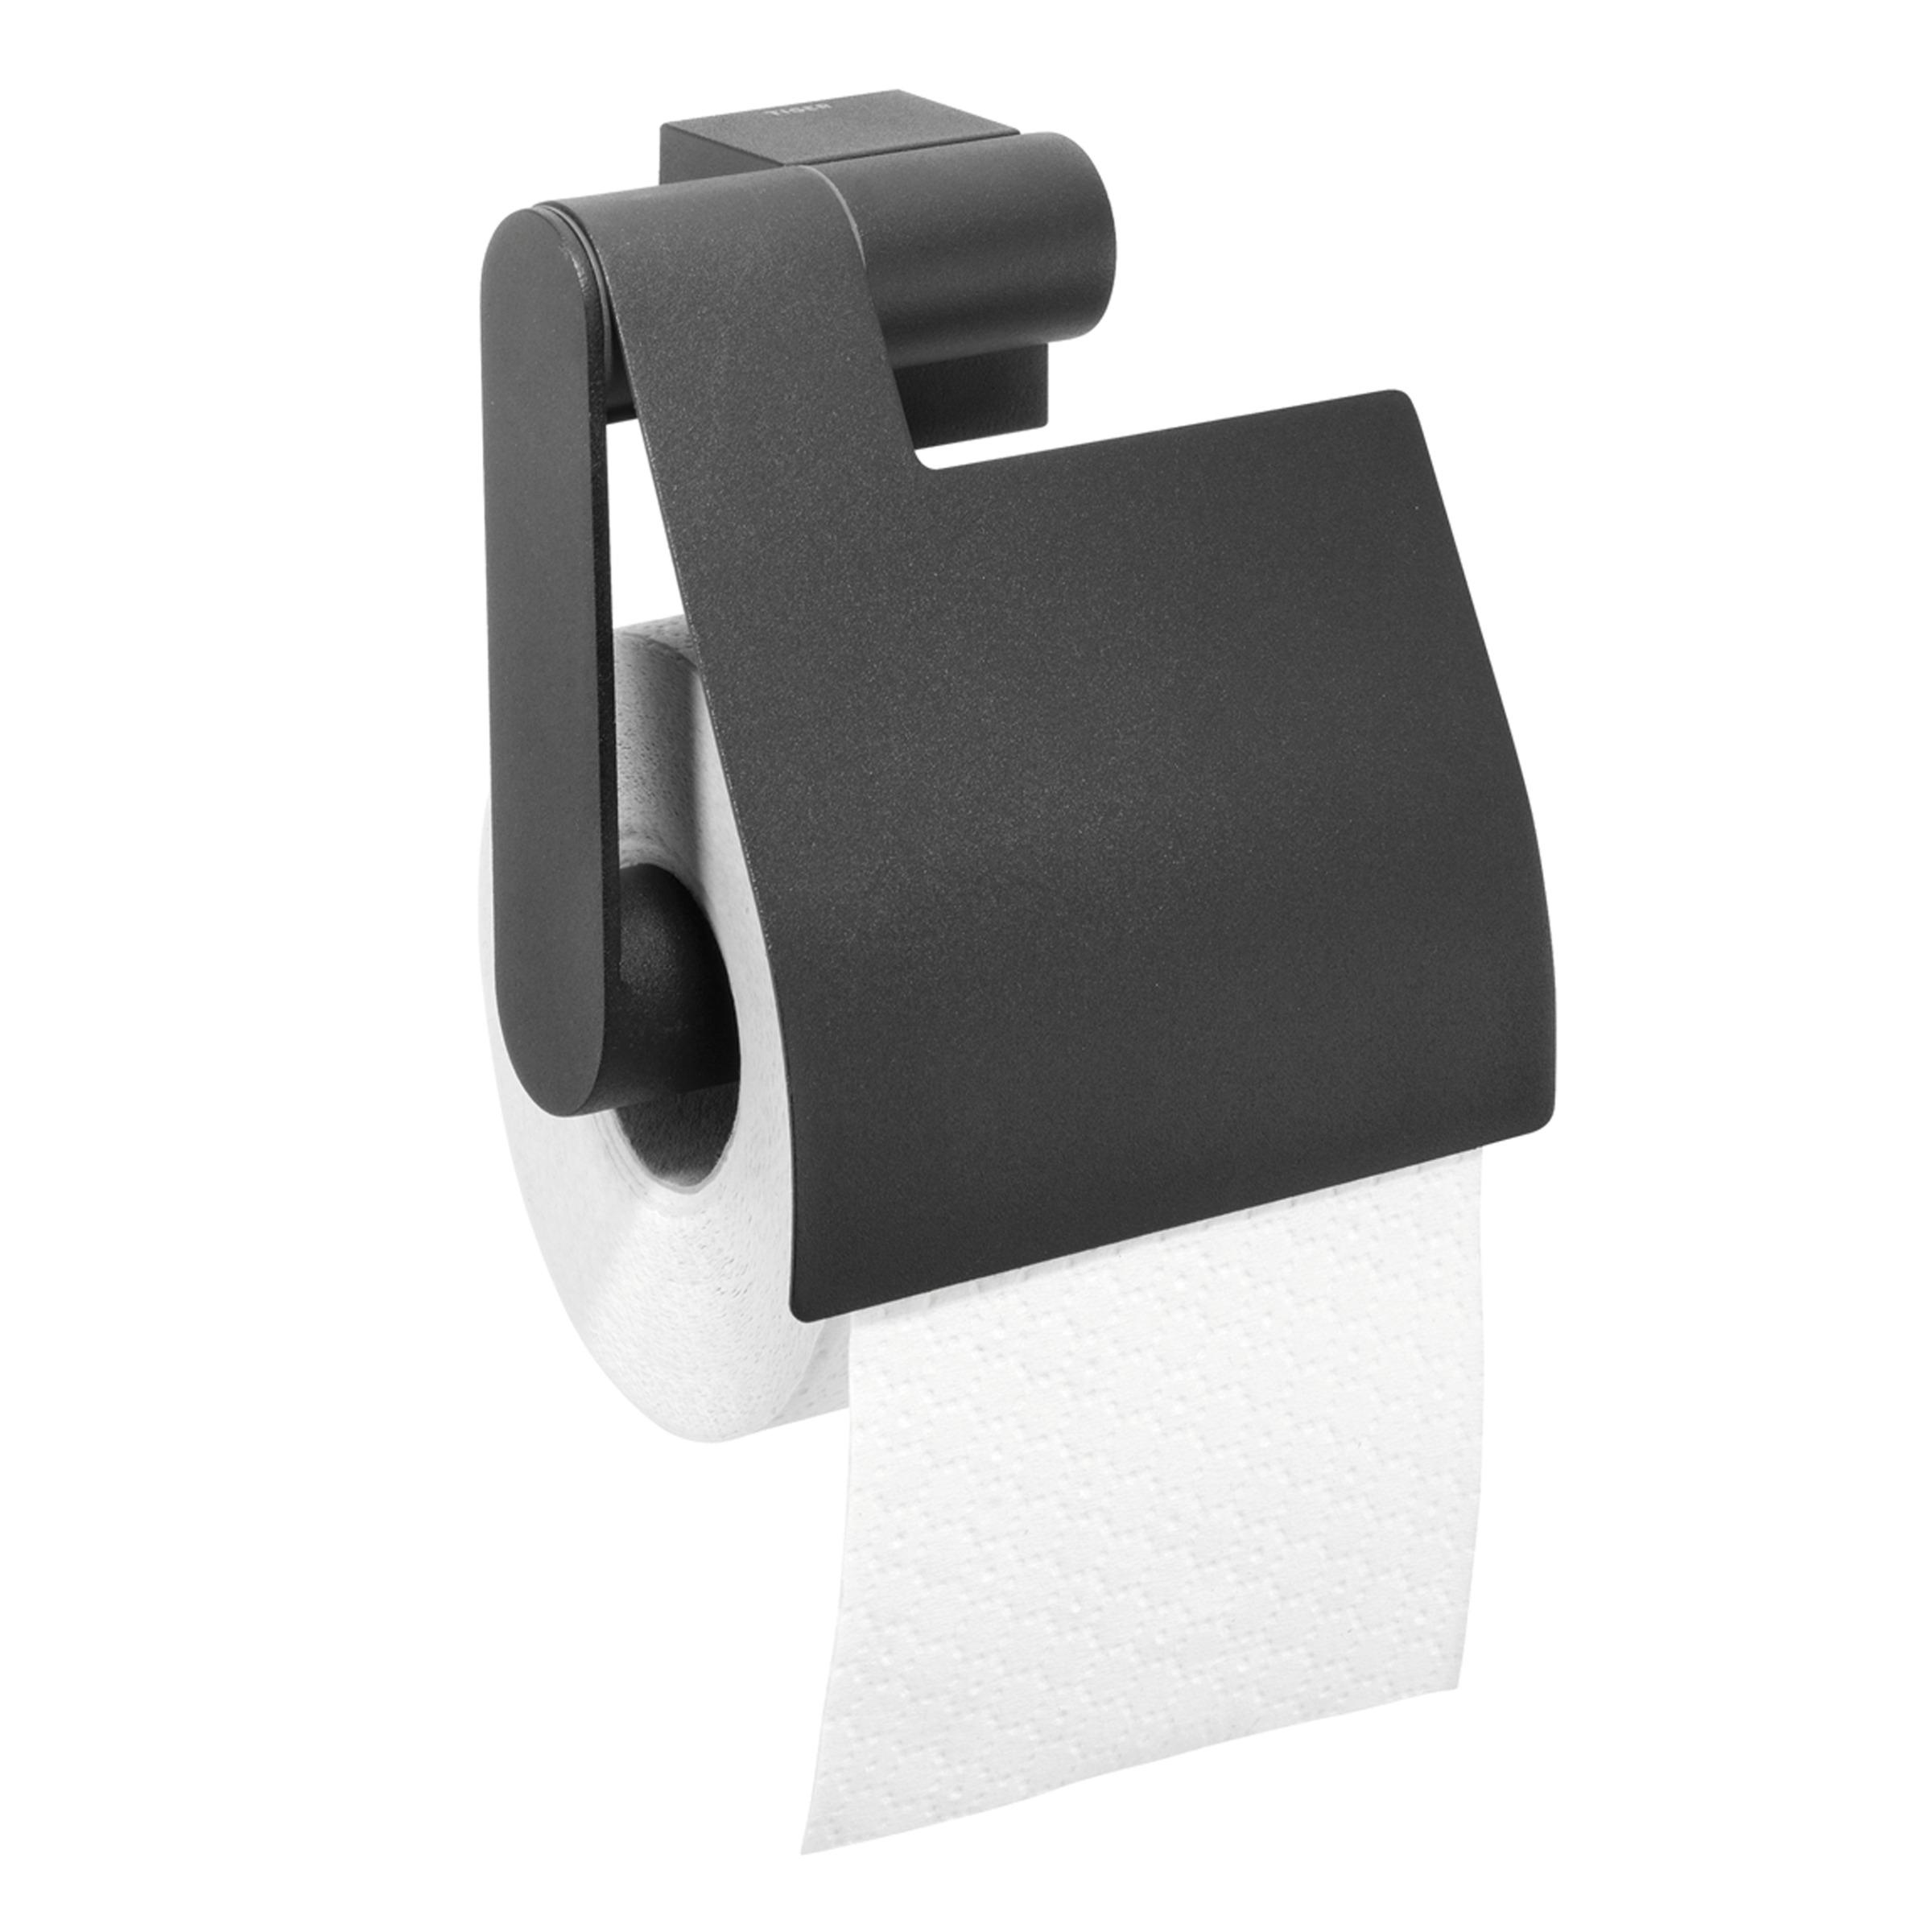 Tiger Nomad toiletrolhouder met klep 12.5x13.4x5.6cm Metaal Zwart